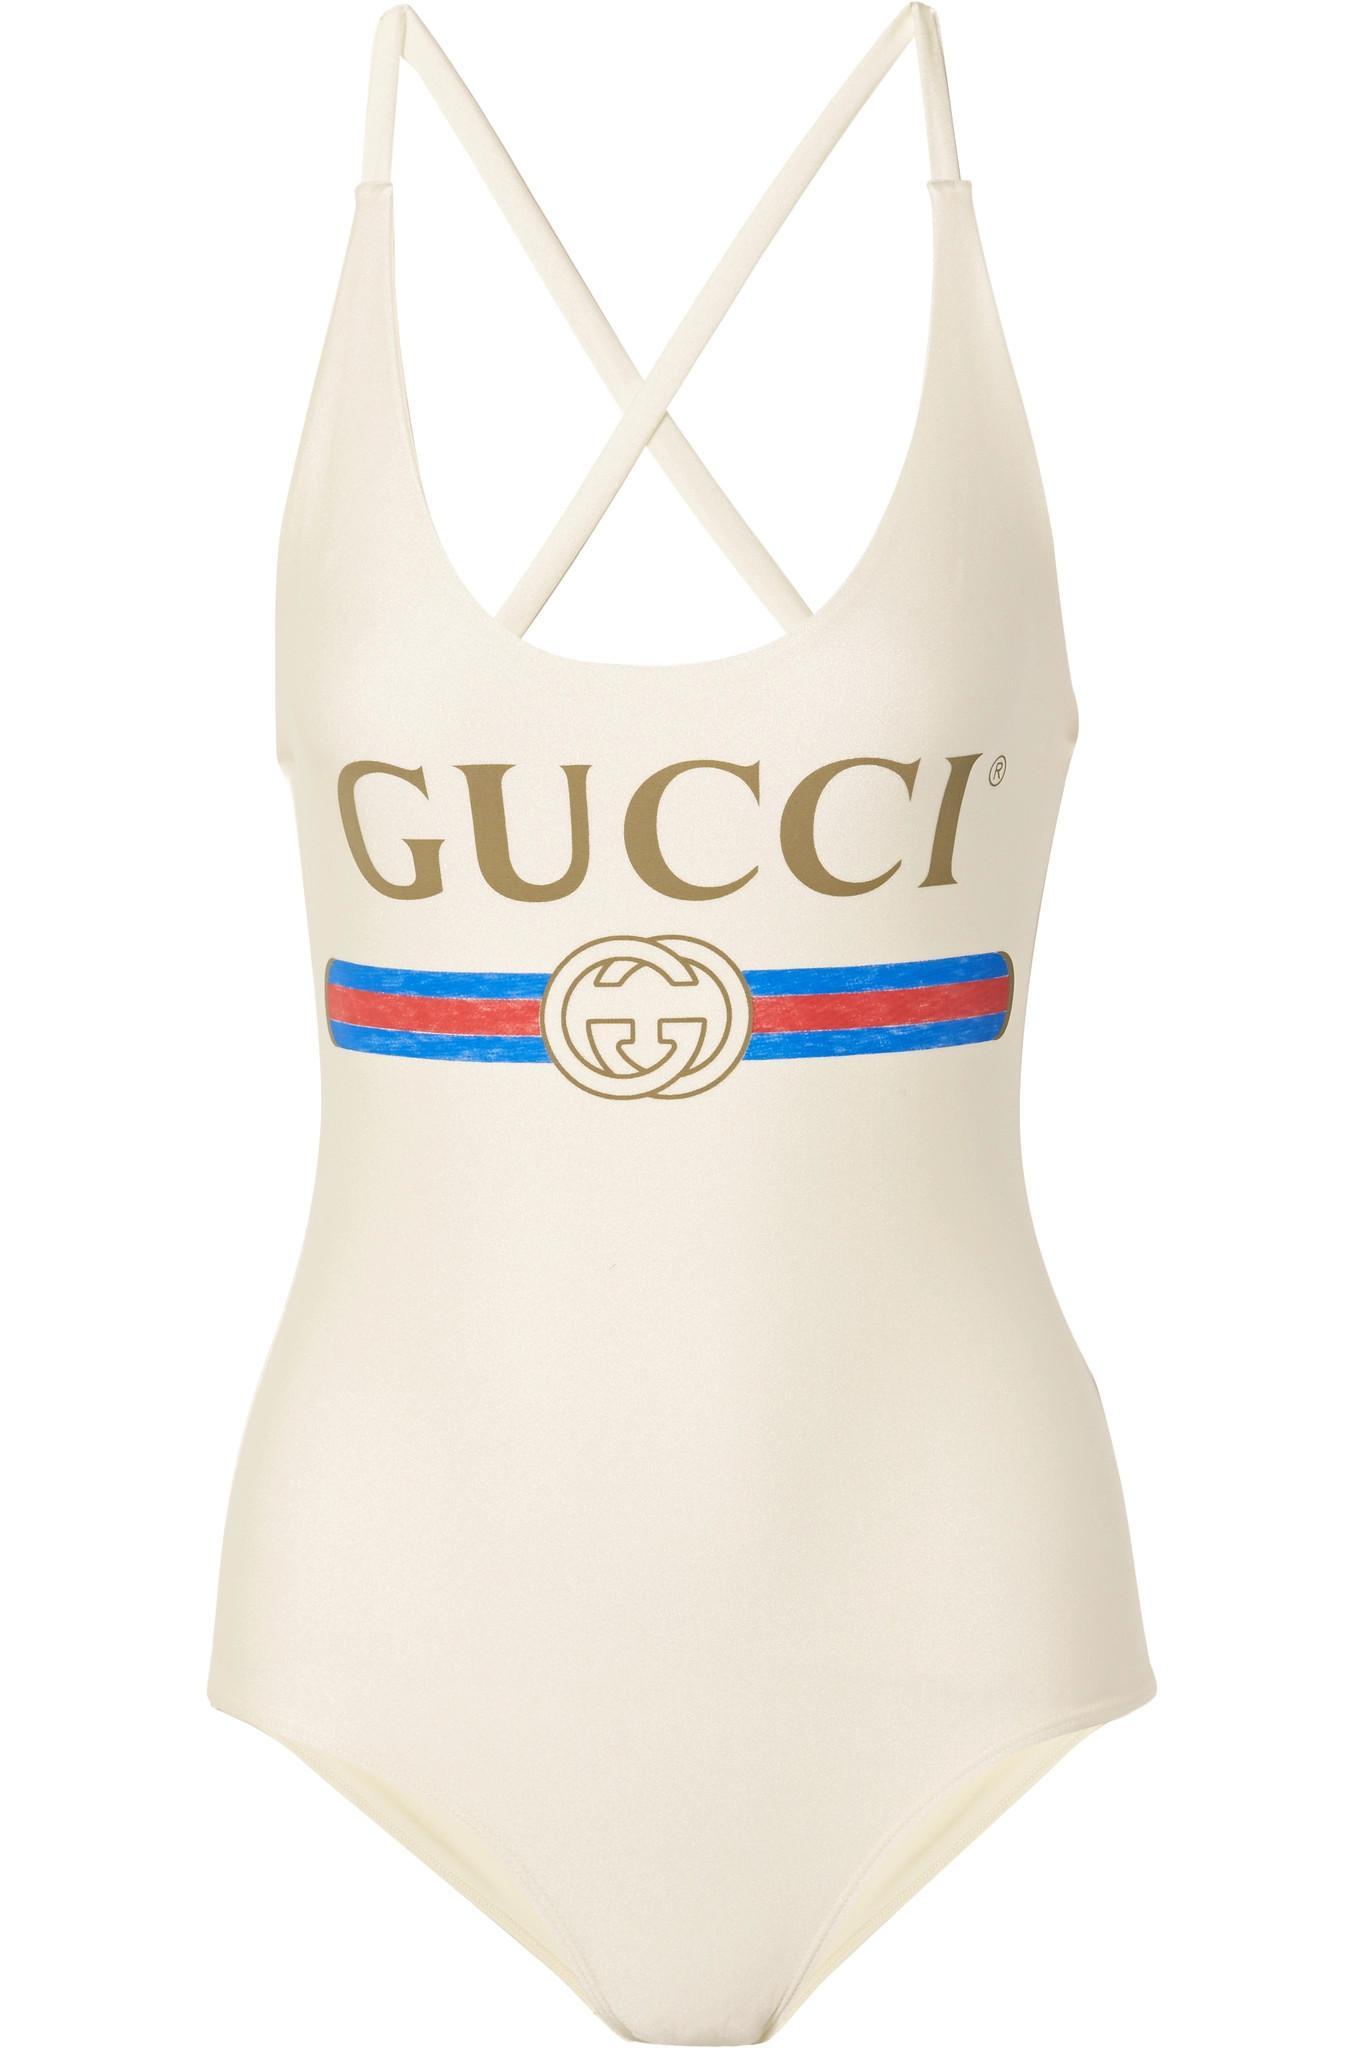 Lyst - Body à imprimé logo Gucci en coloris Blanc 10a23fc33d52